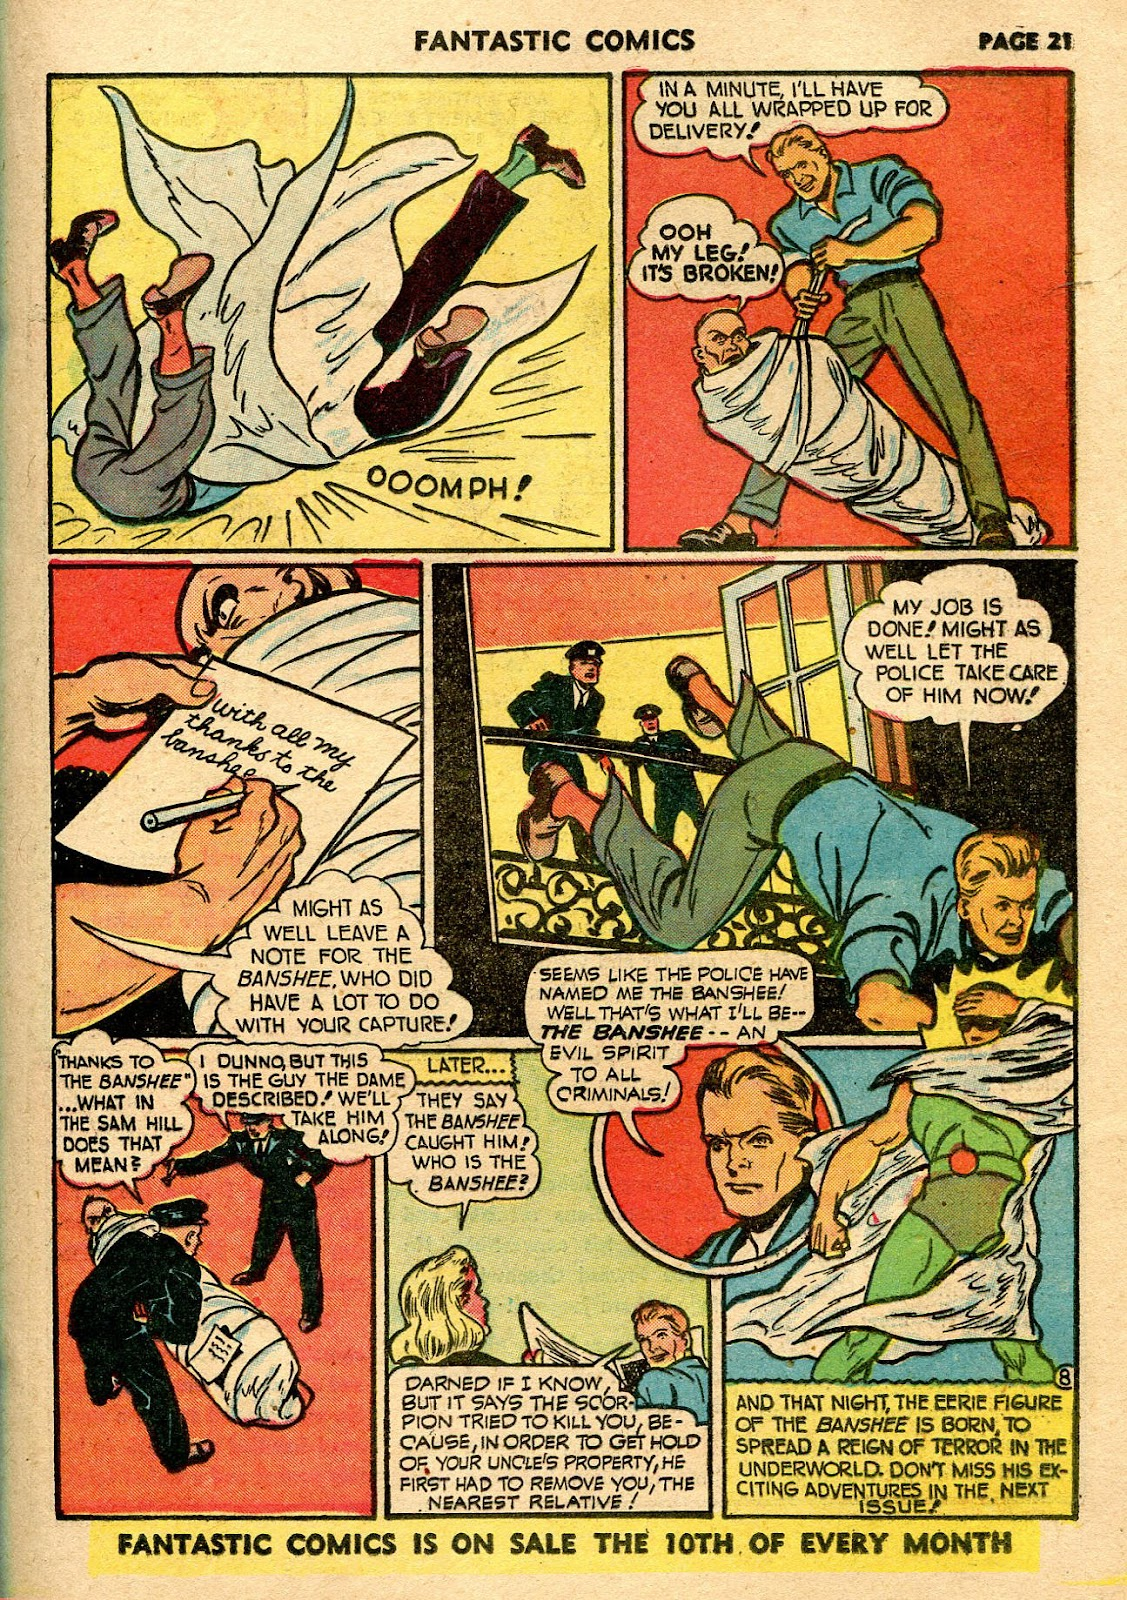 Read online Fantastic Comics comic -  Issue #21 - 23